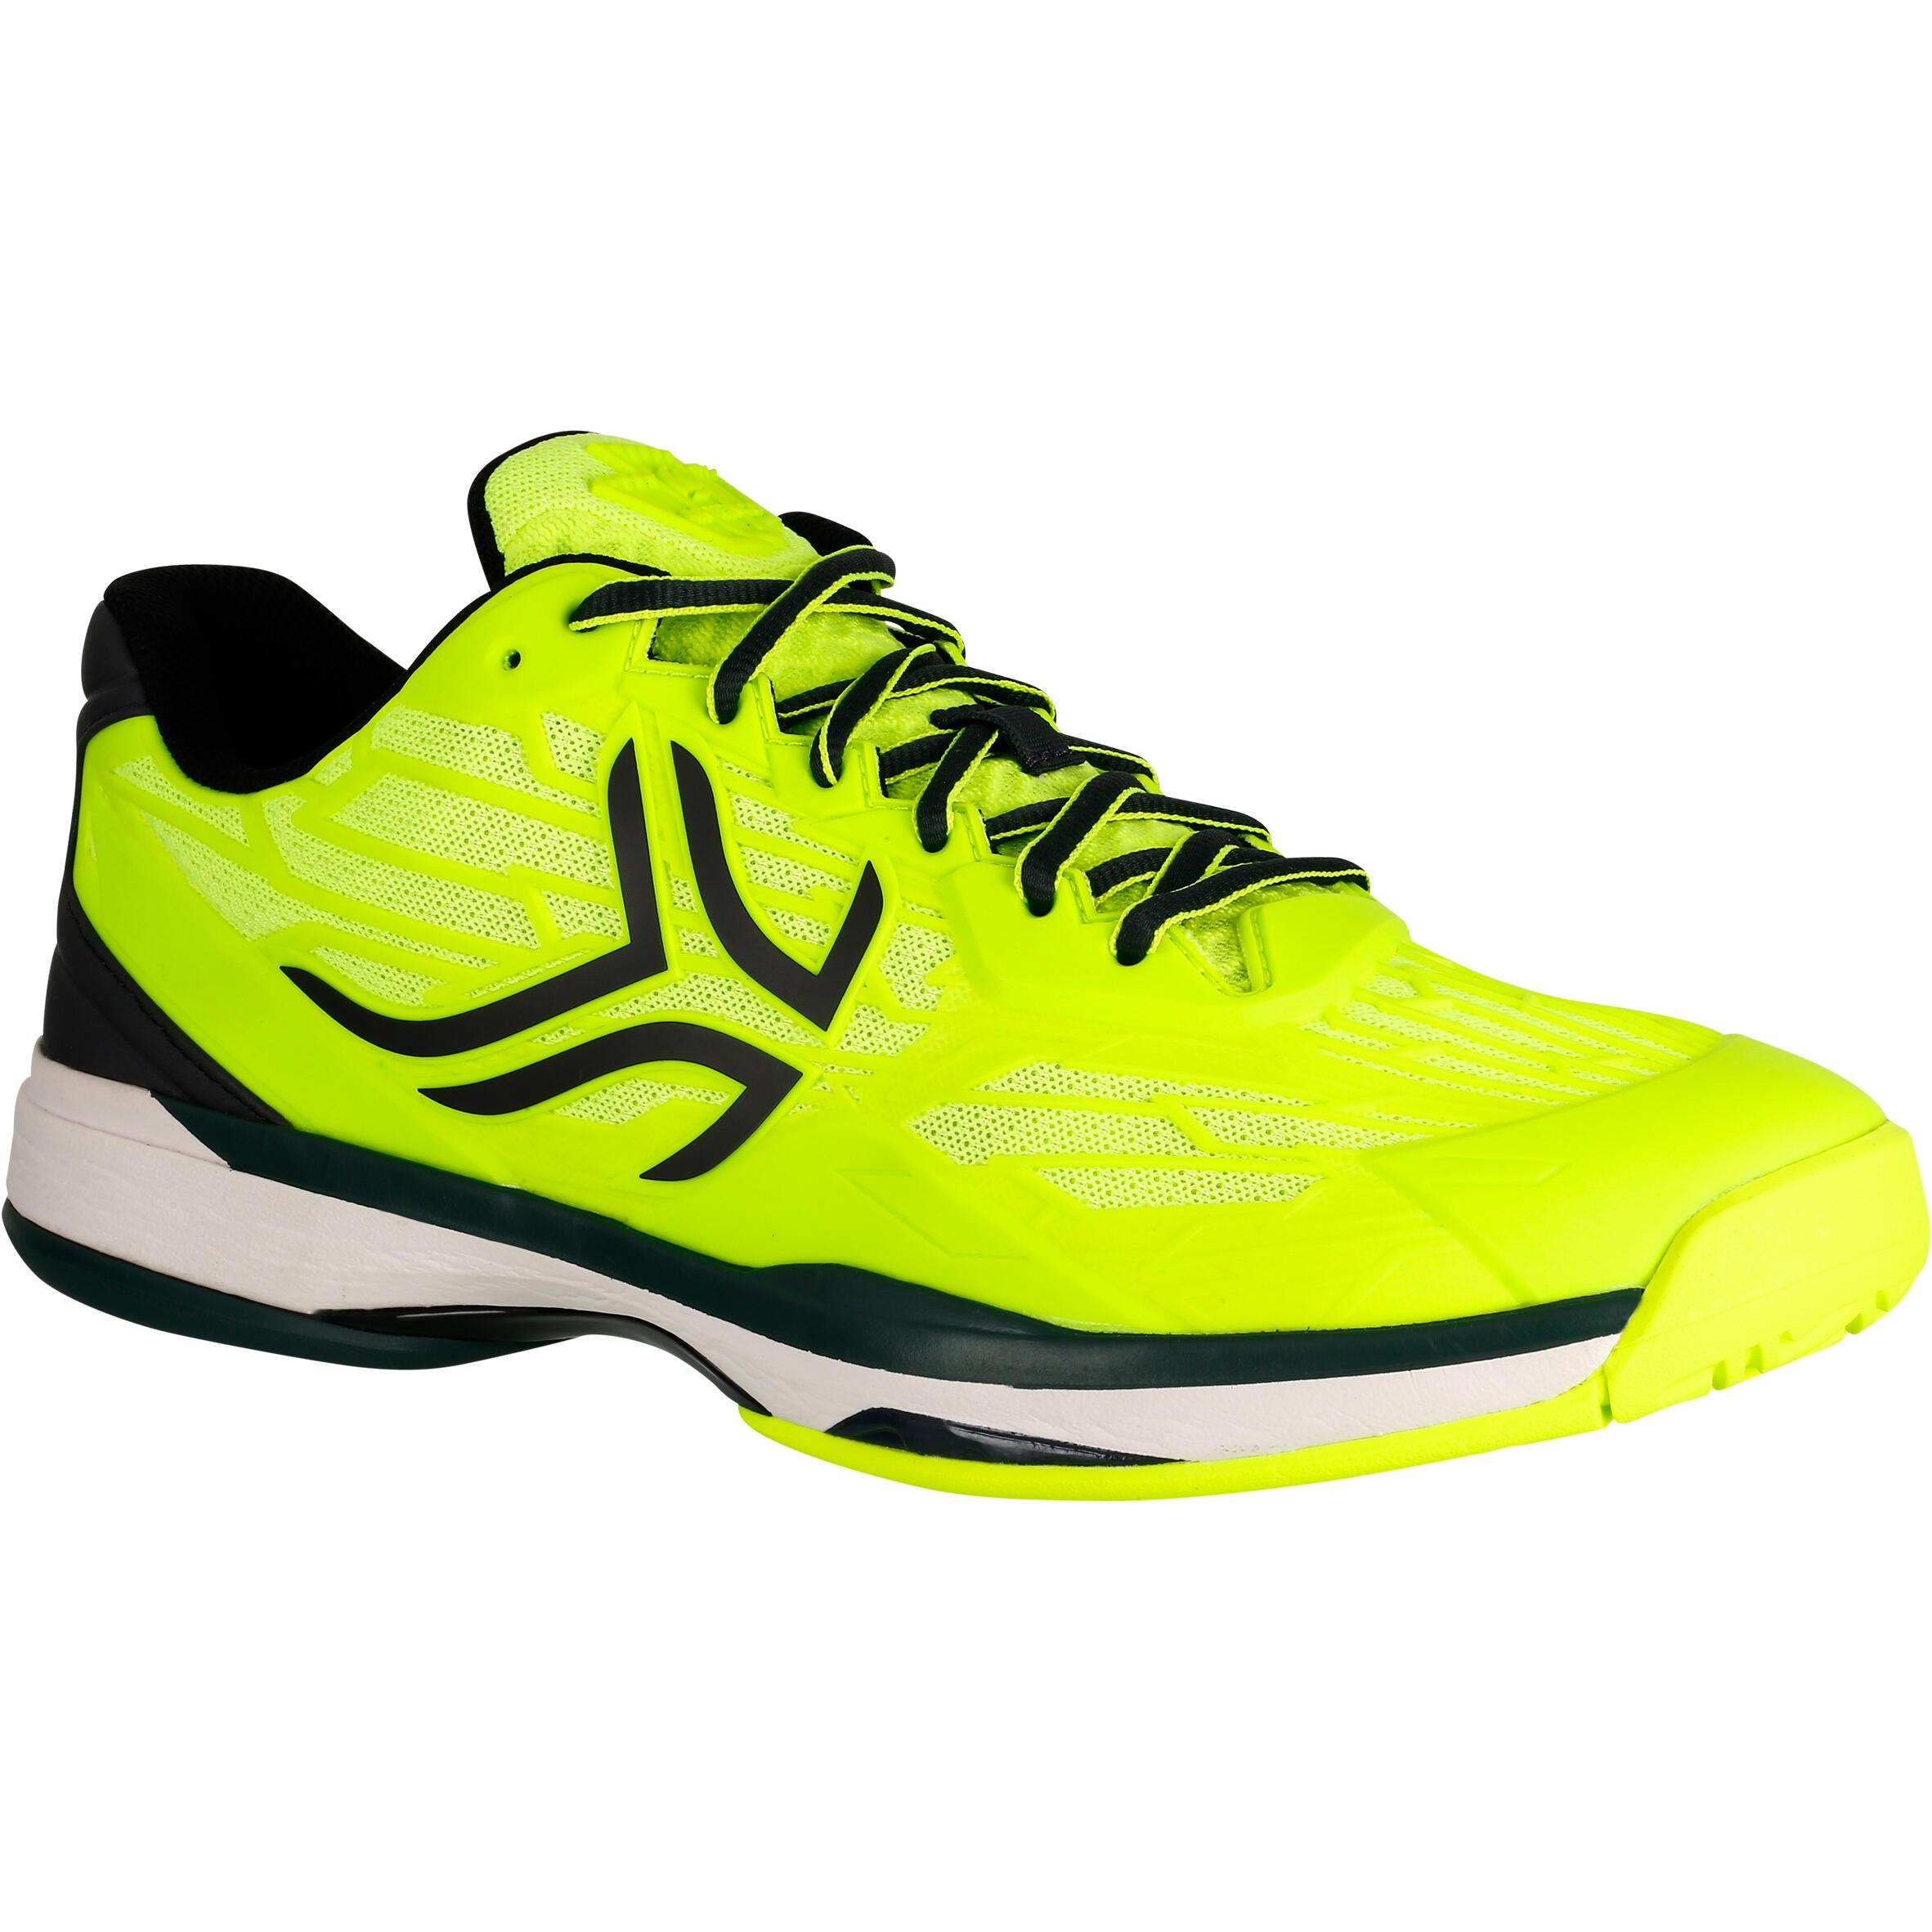 Tennisschuhe TS990 Multicourt Herren neongelb | Schuhe > Sportschuhe > Tennisschuhe | Gelb | Artengo